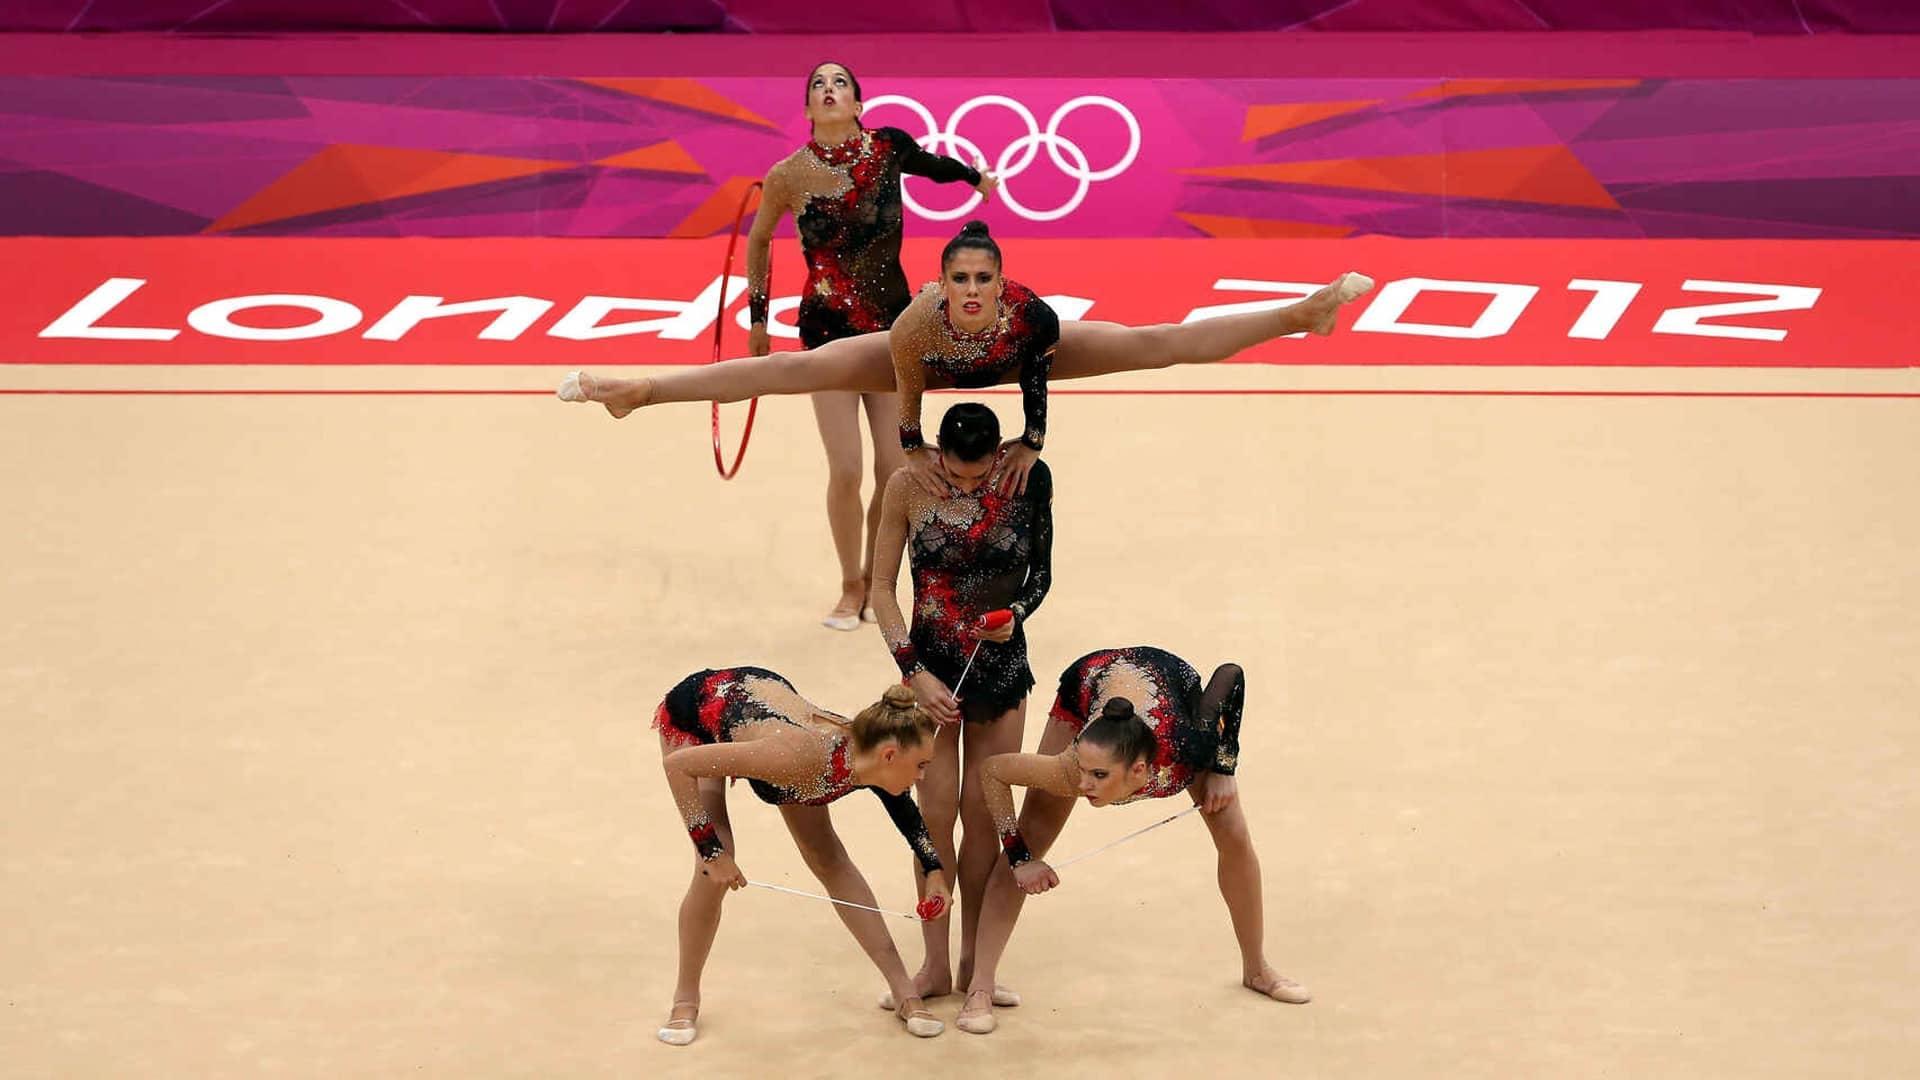 Gimnasia rítmica en las Olimpiadas de Tokio 2020: dónde ver en TV, calendario y selección española